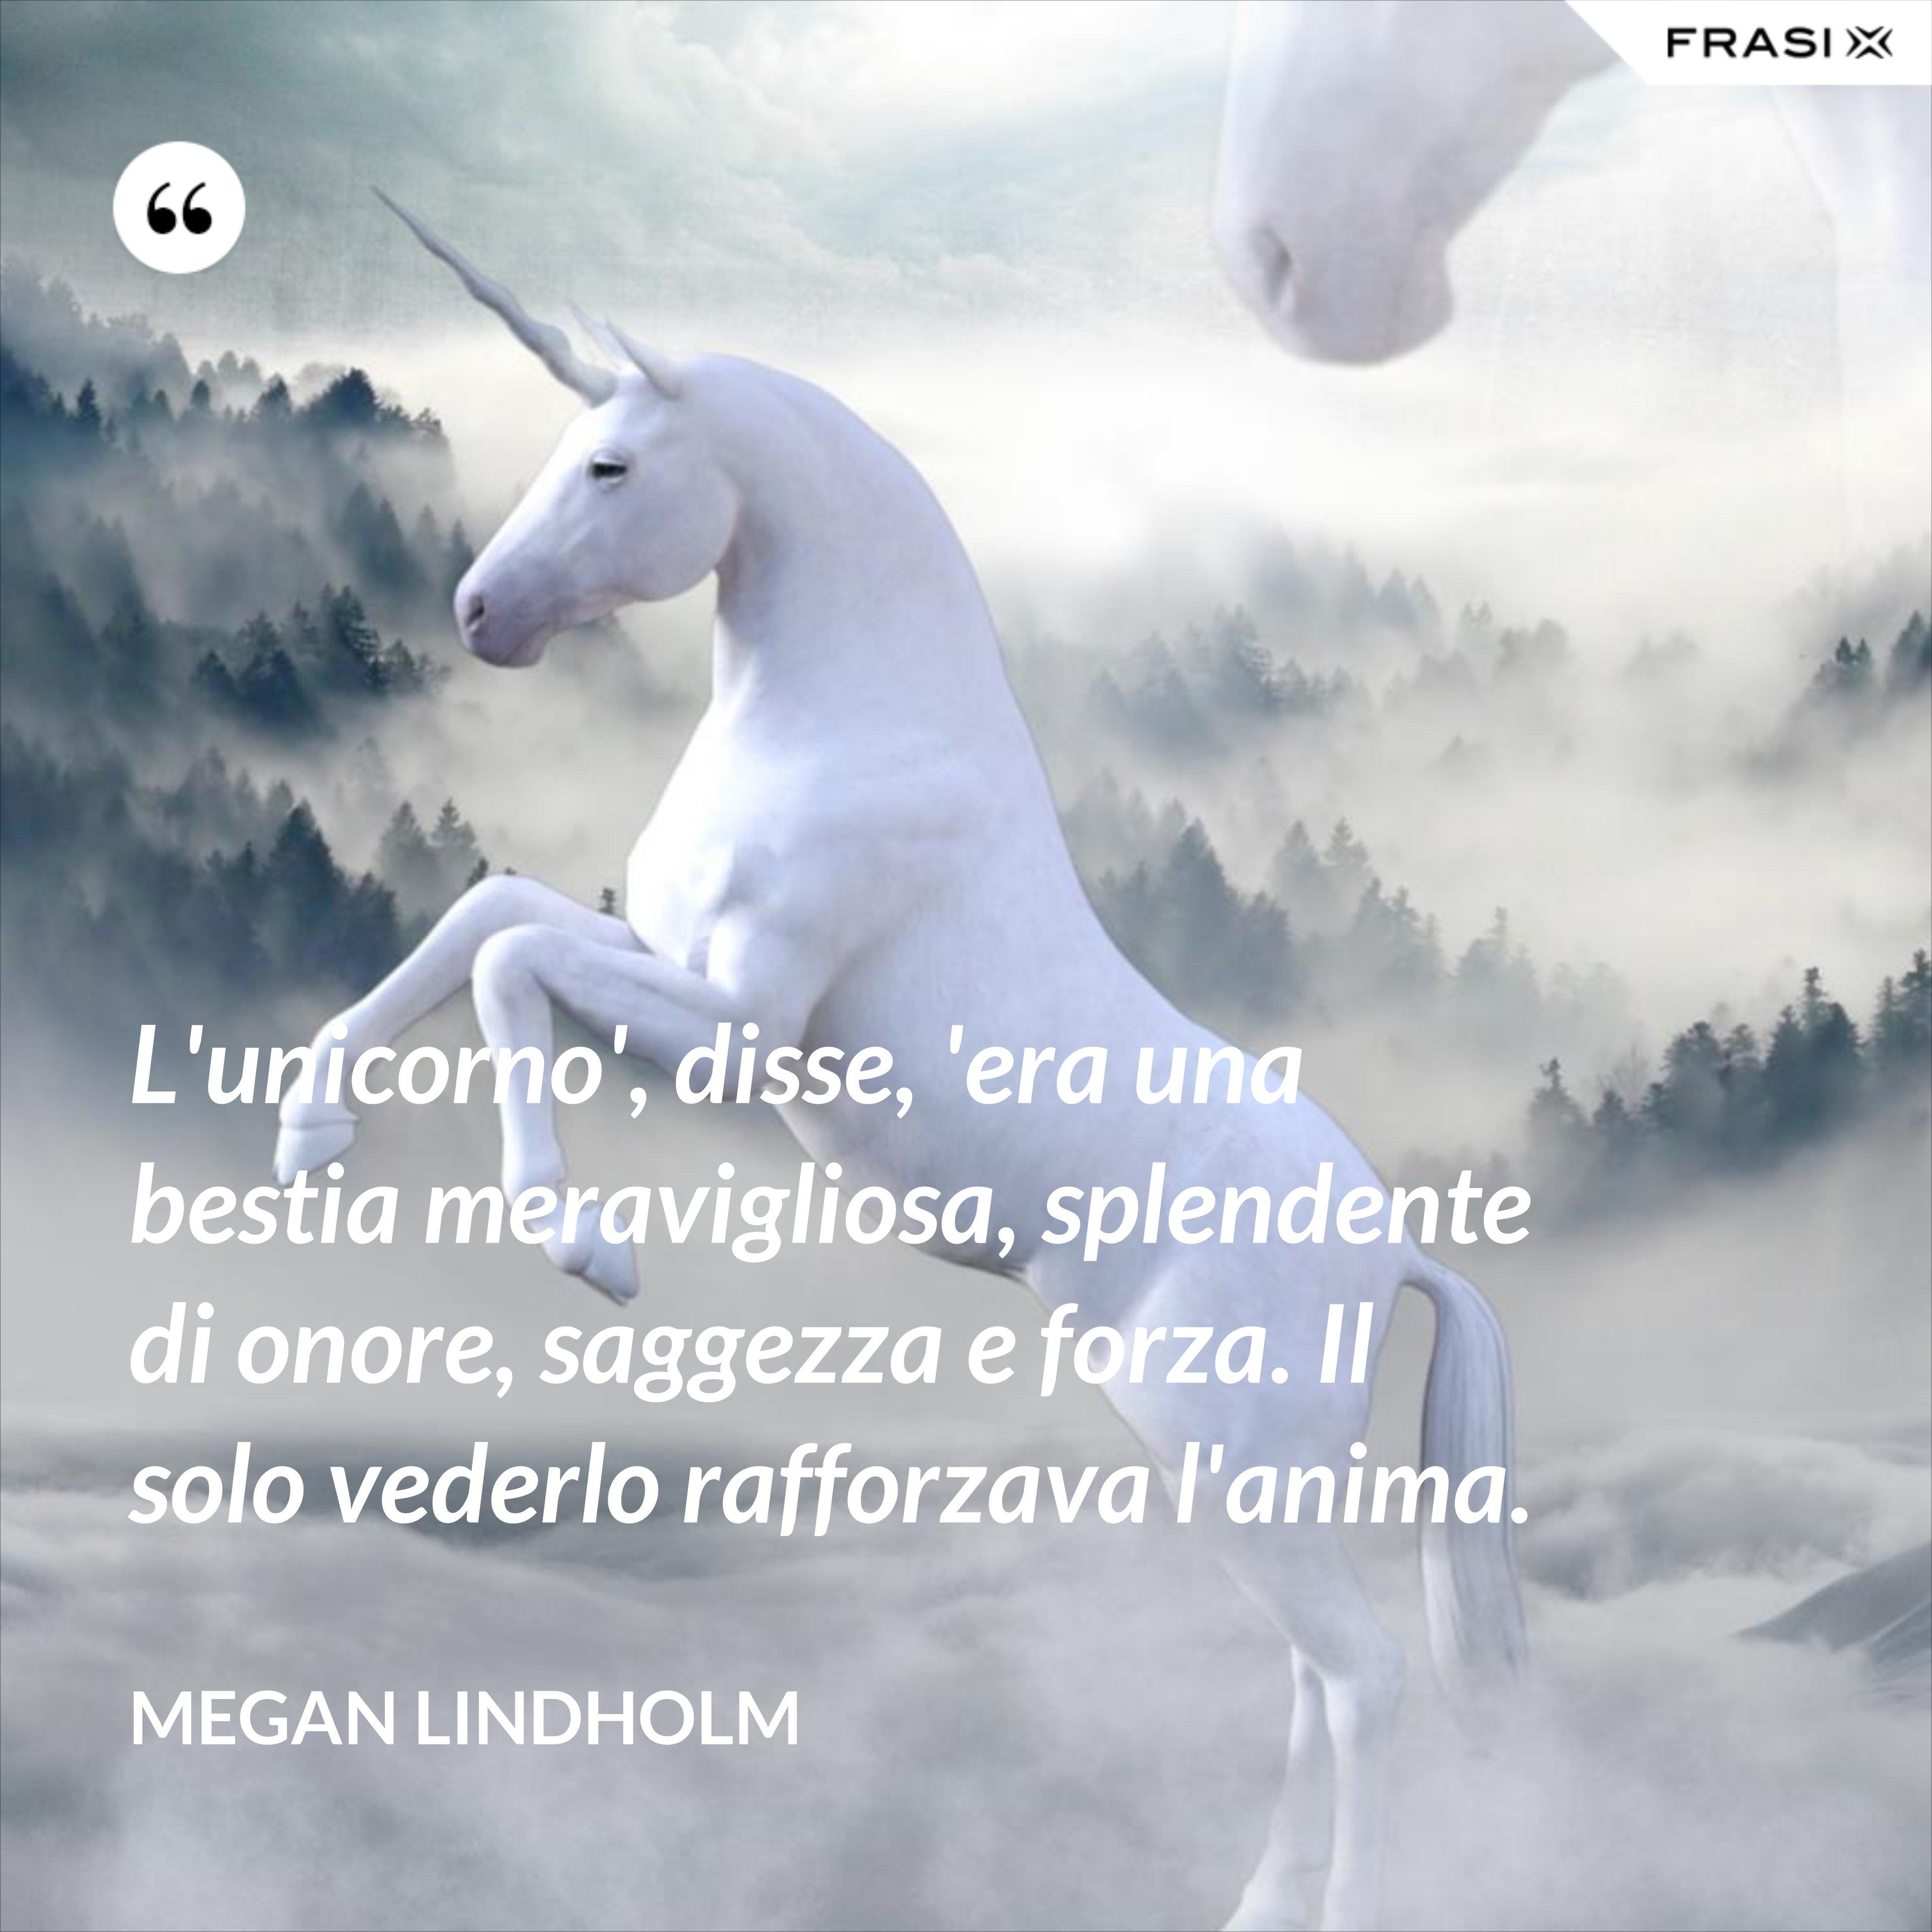 L'unicorno', disse, 'era una bestia meravigliosa, splendente di onore, saggezza e forza. Il solo vederlo rafforzava l'anima. - Megan Lindholm